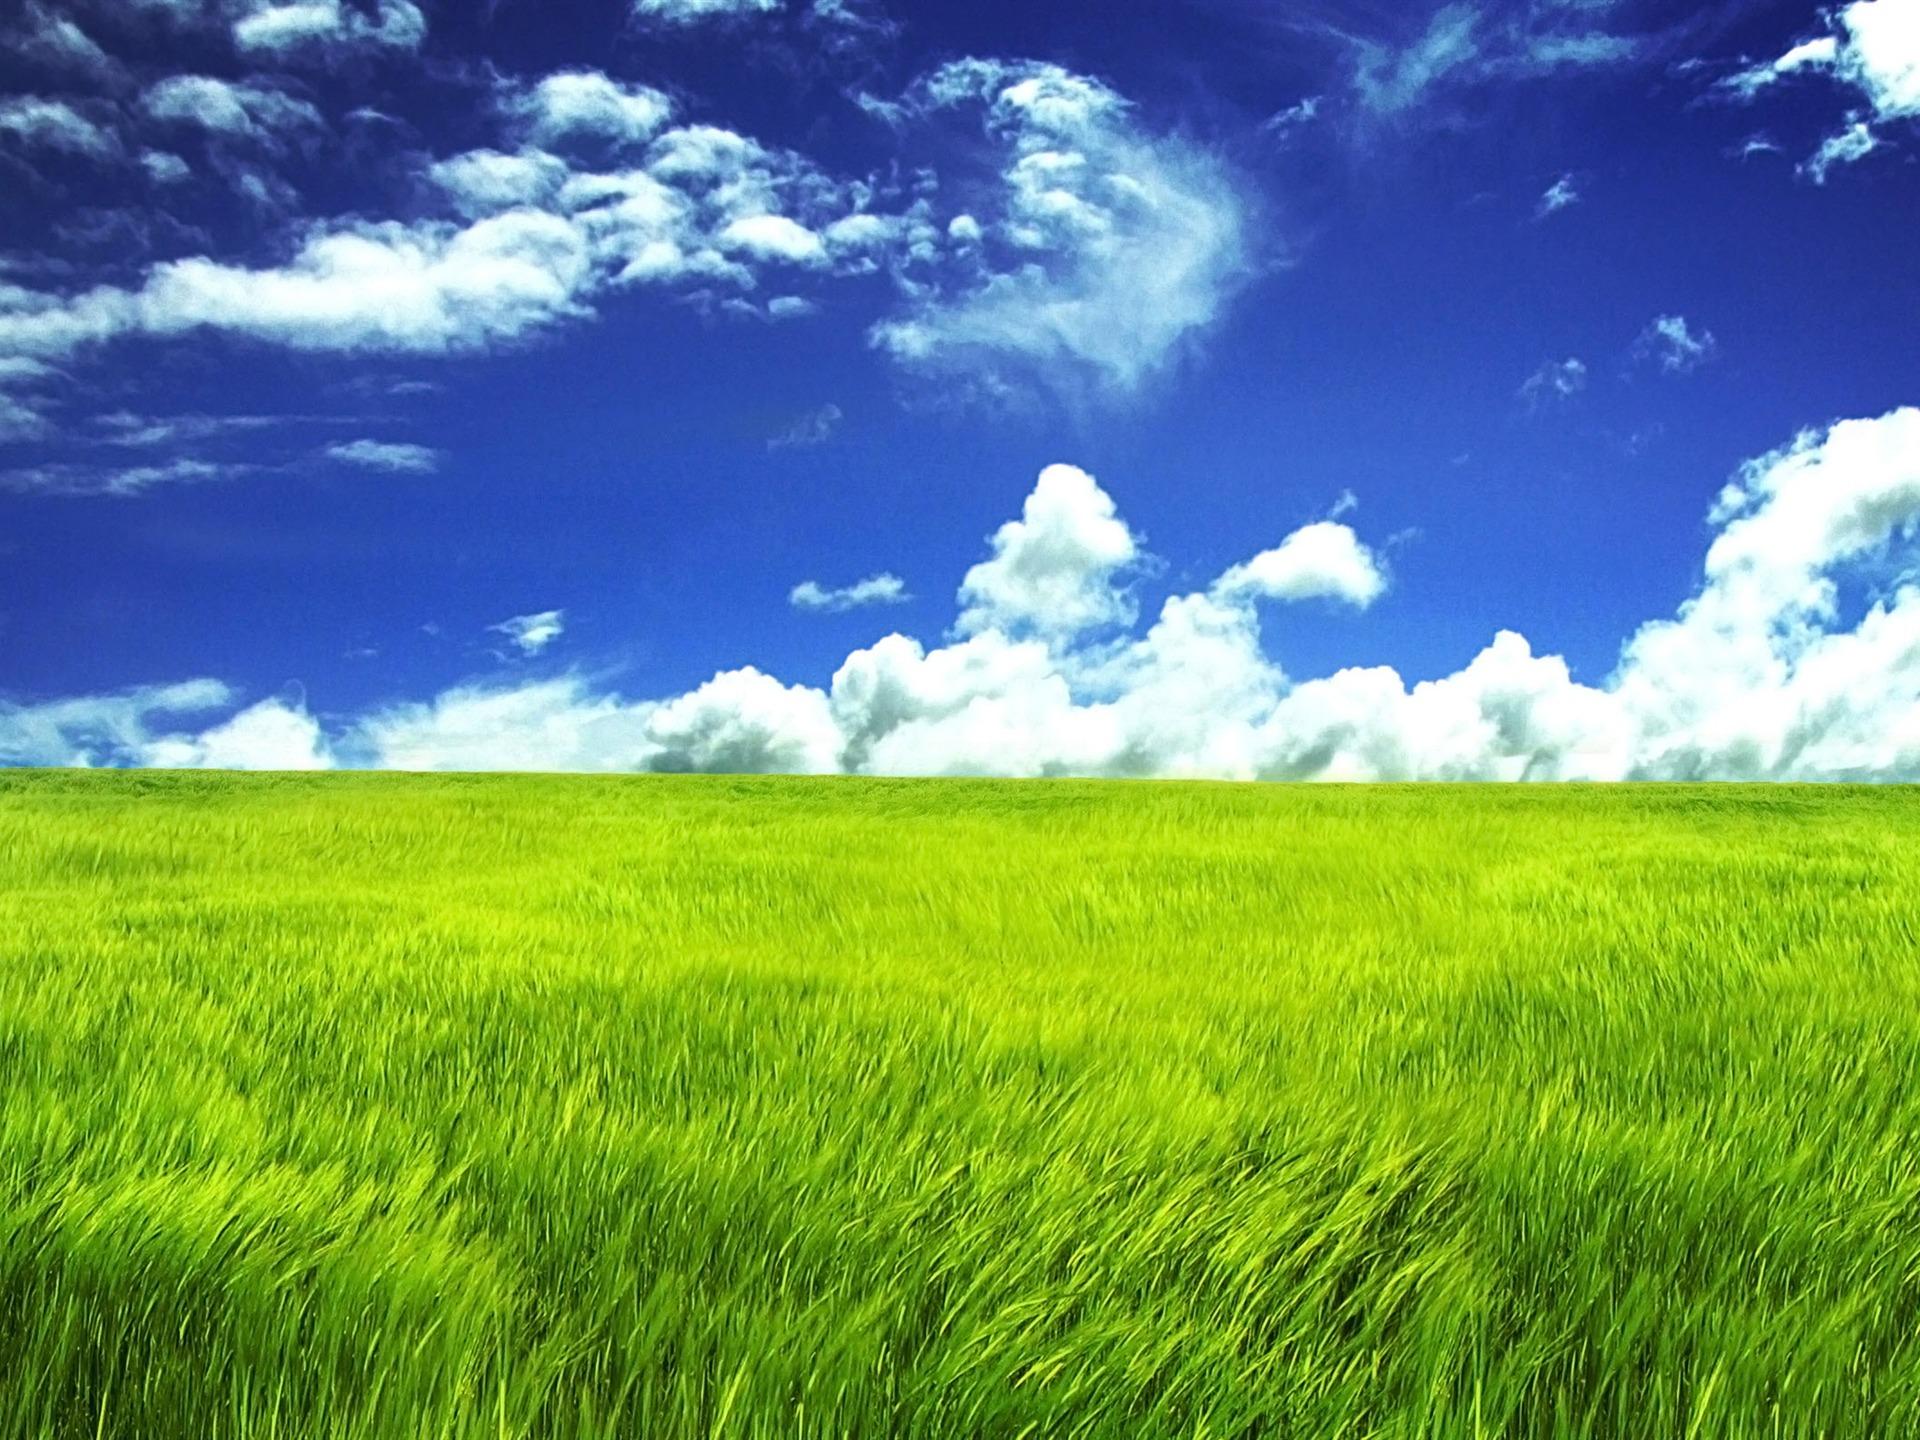 青空の下で草原-素晴らしい自然プレビュー | 10wallpaper.com